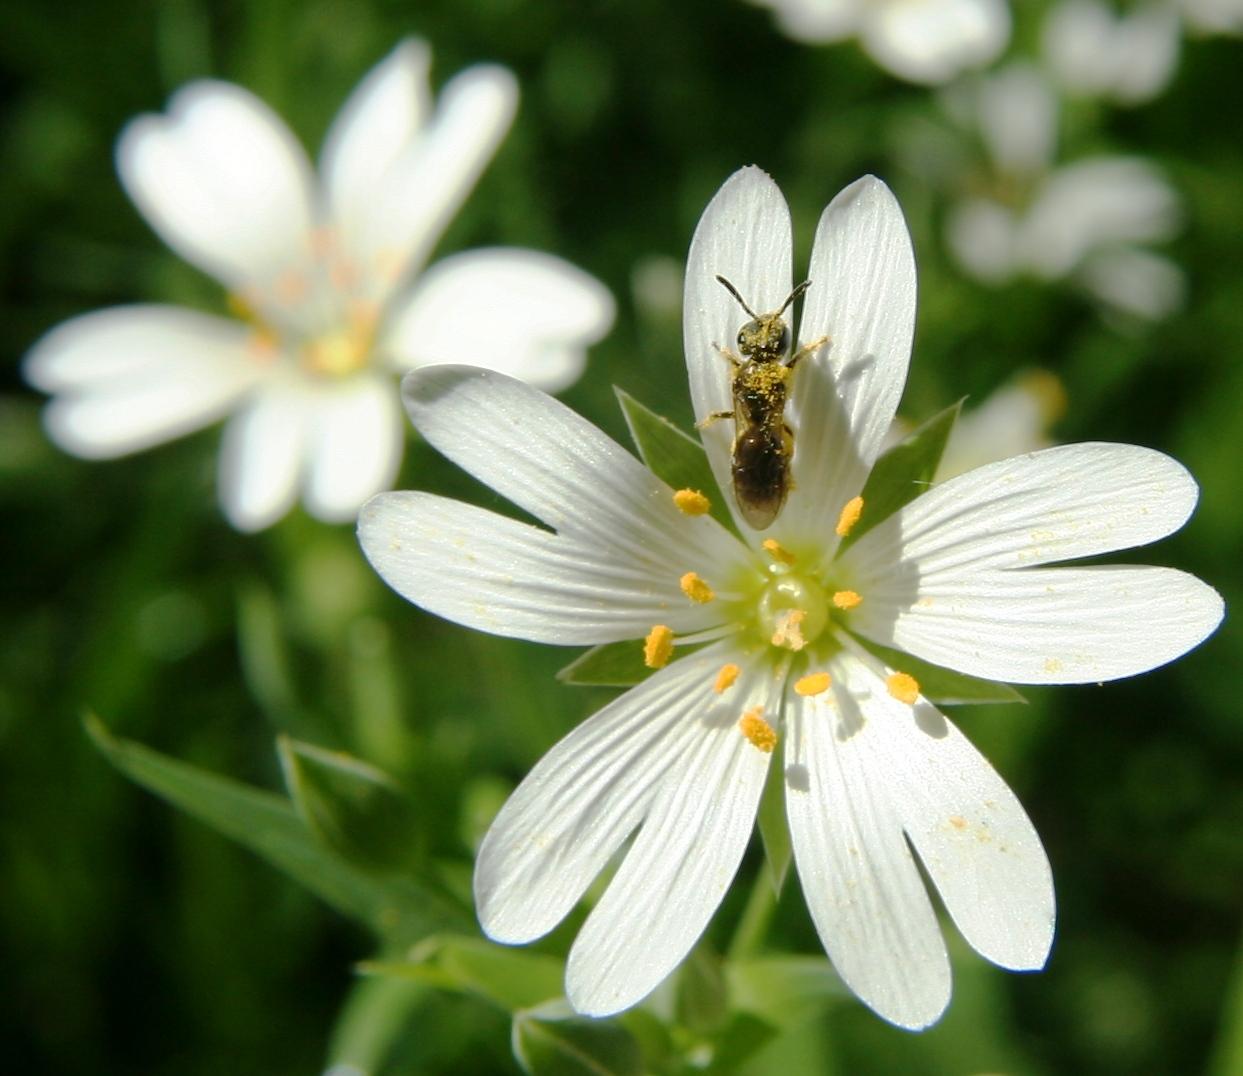 fleurs annuelles fleurs des champs fleur des champs et insecte. Black Bedroom Furniture Sets. Home Design Ideas